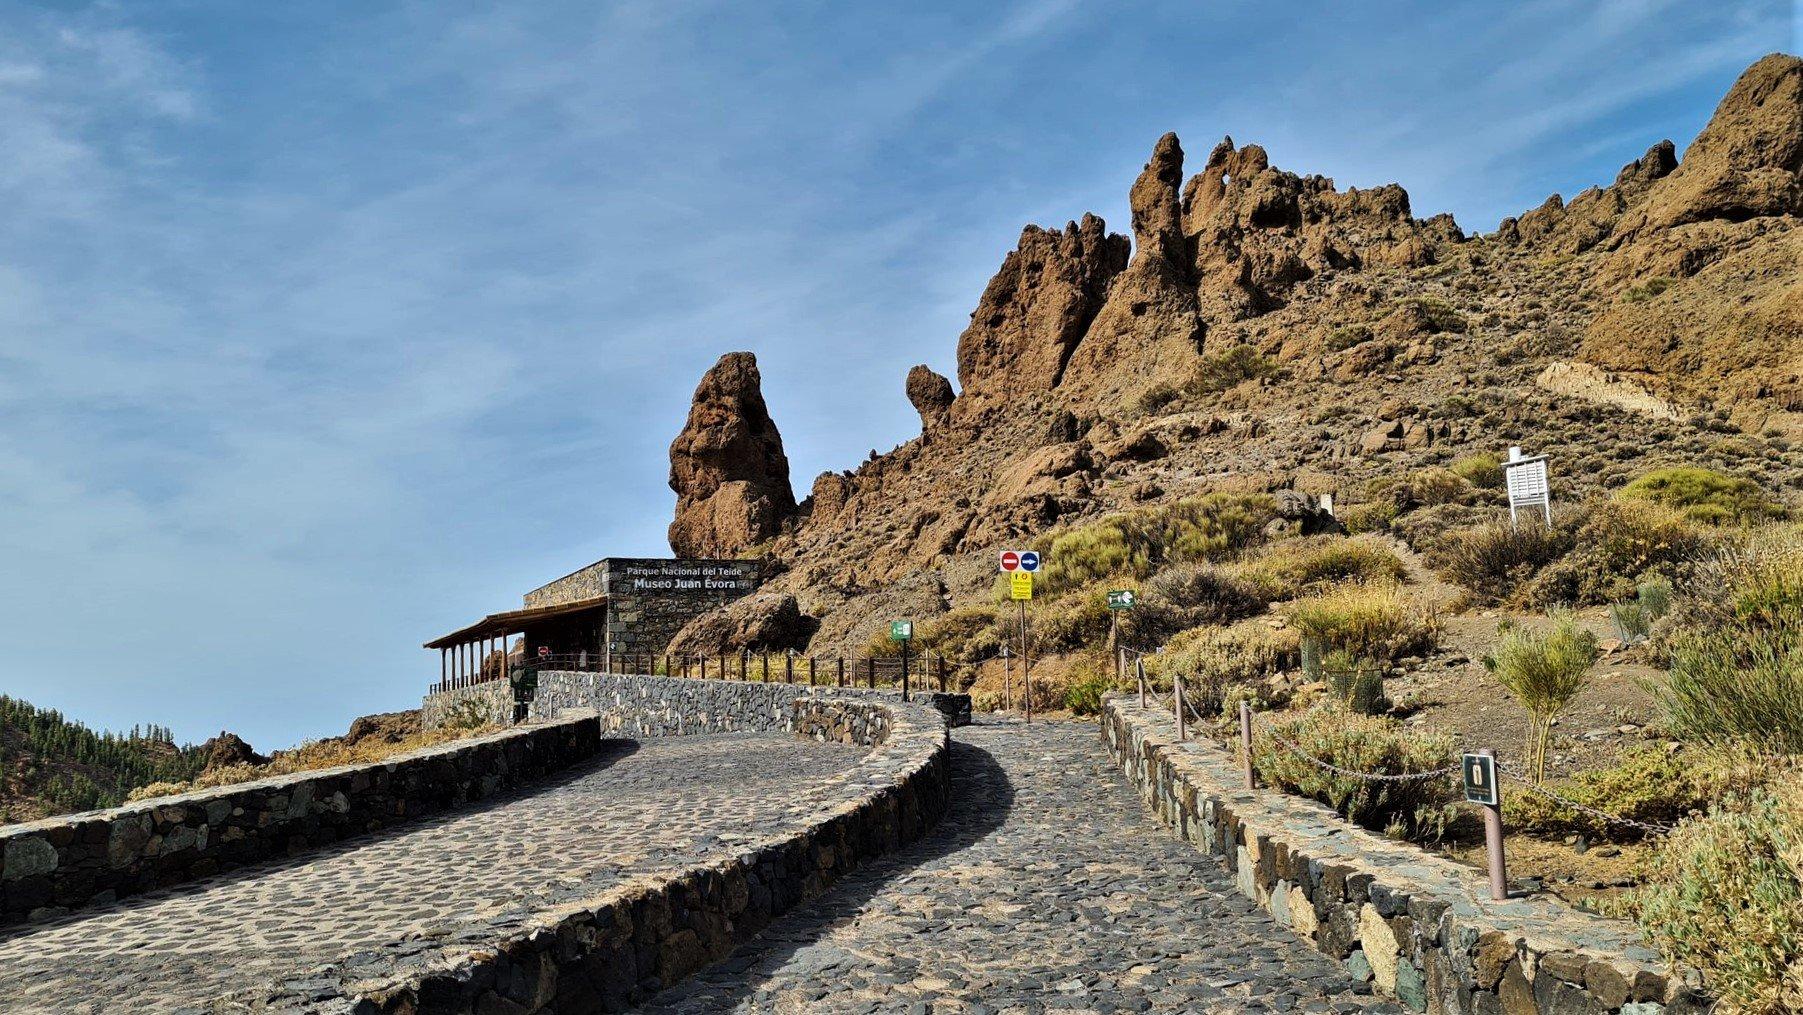 La Cañada Blanca e centro visitatori